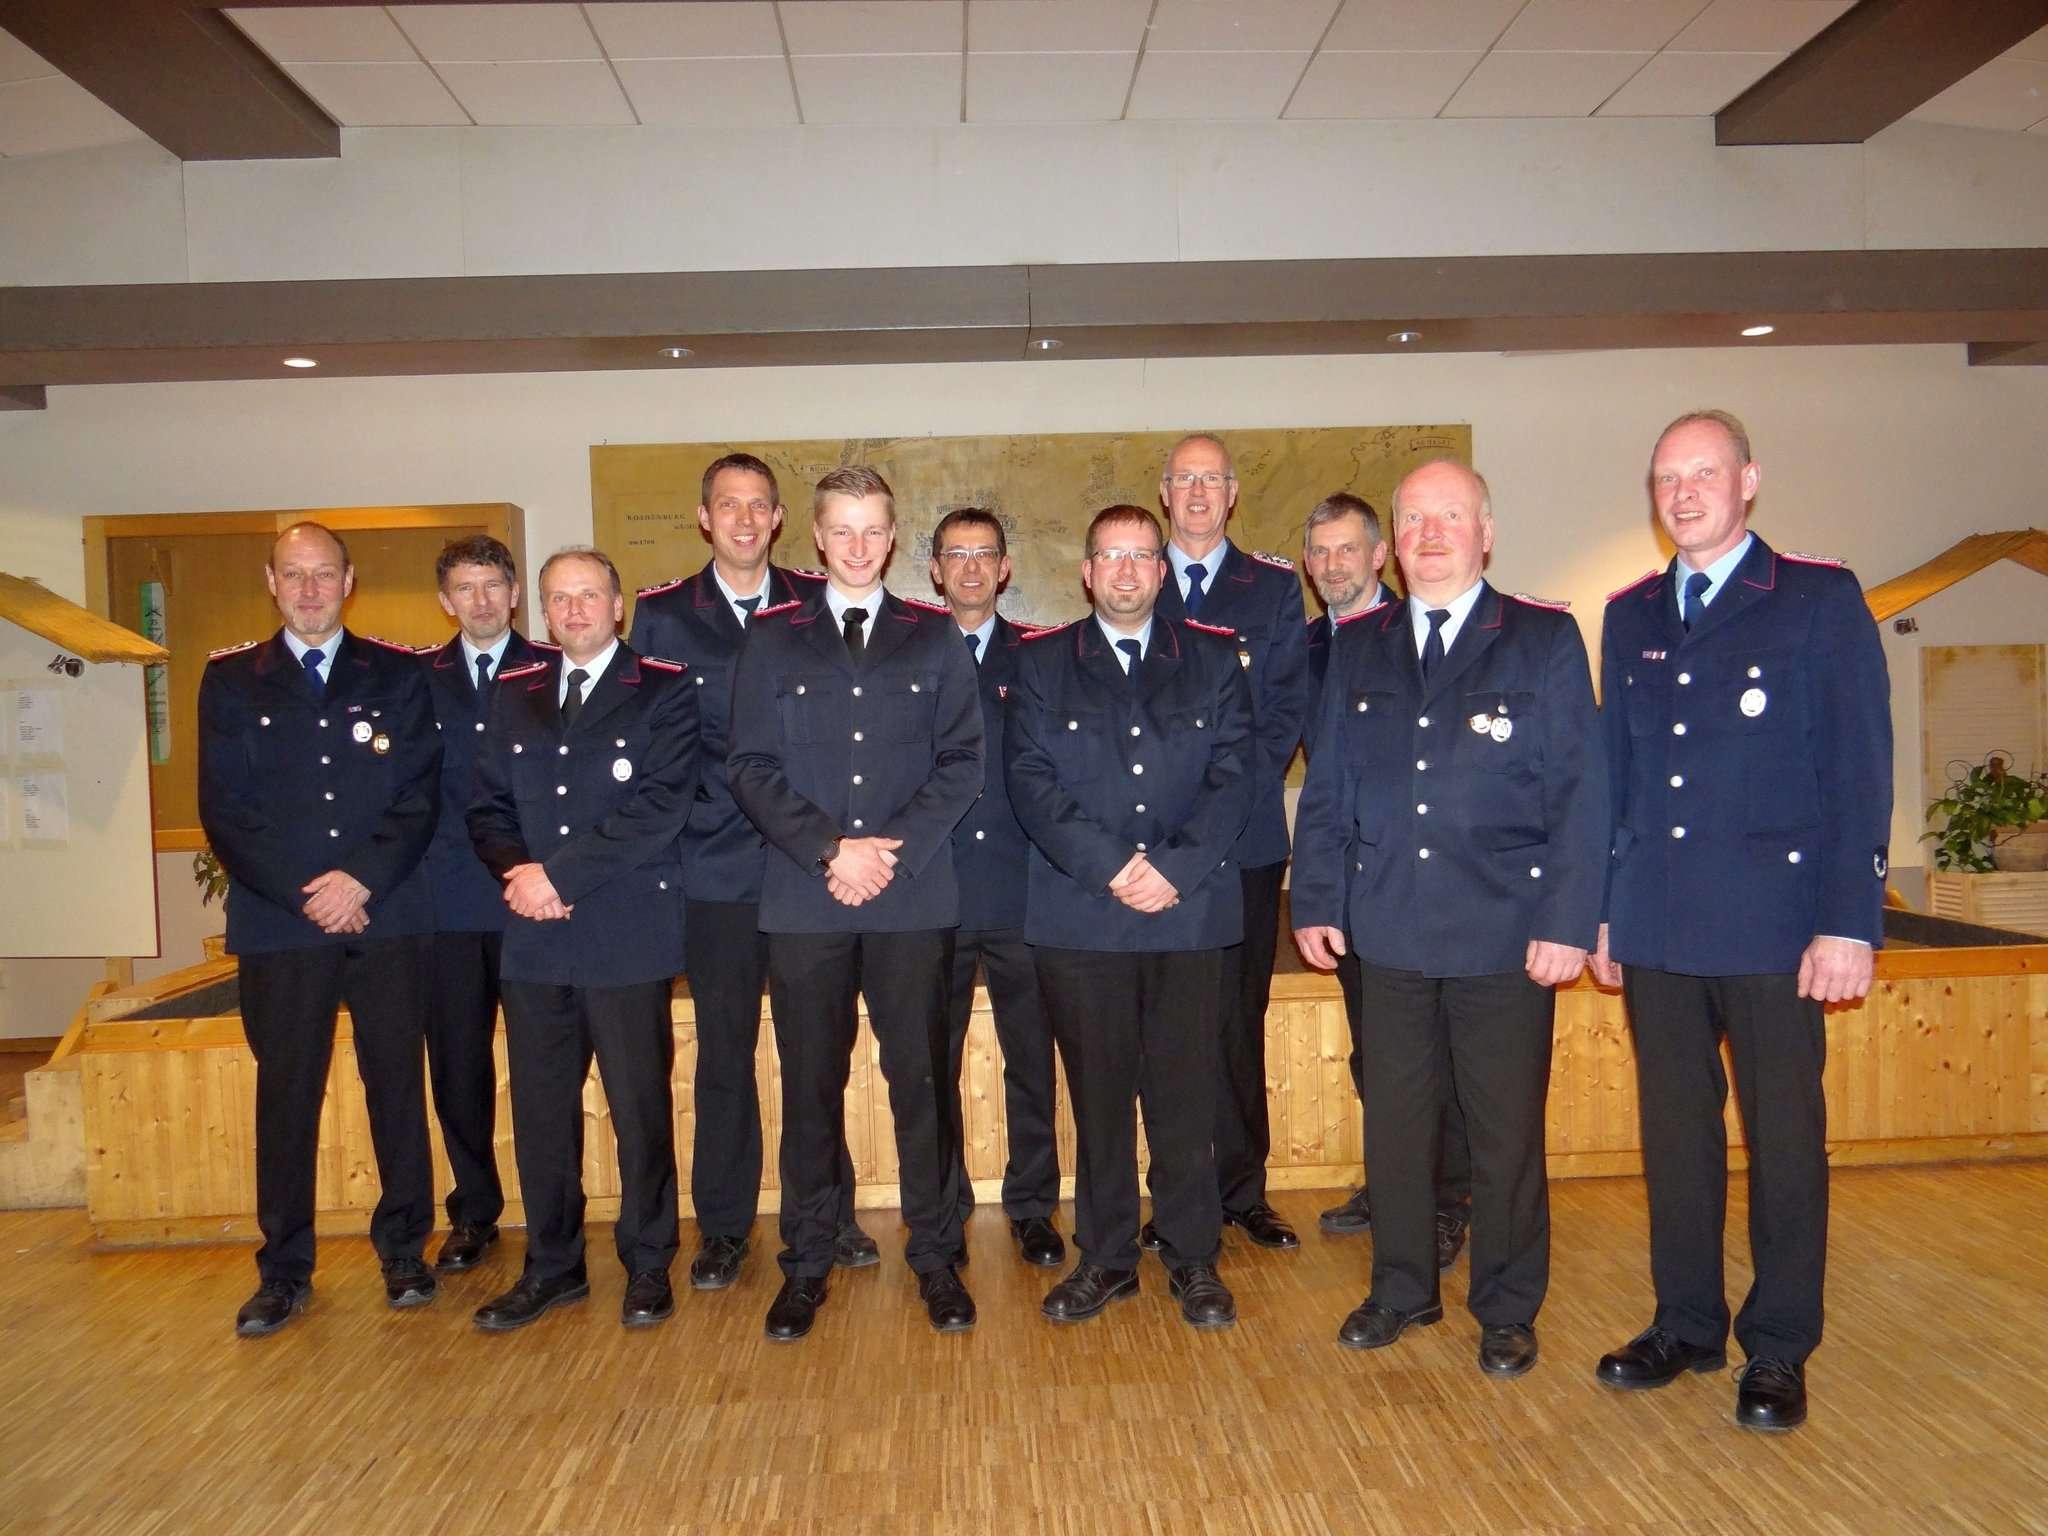 Beförderungen und Ehrungen waren Bestandteil der Jahreshauptversammlung der Helvesieker Feuerwehrleute.